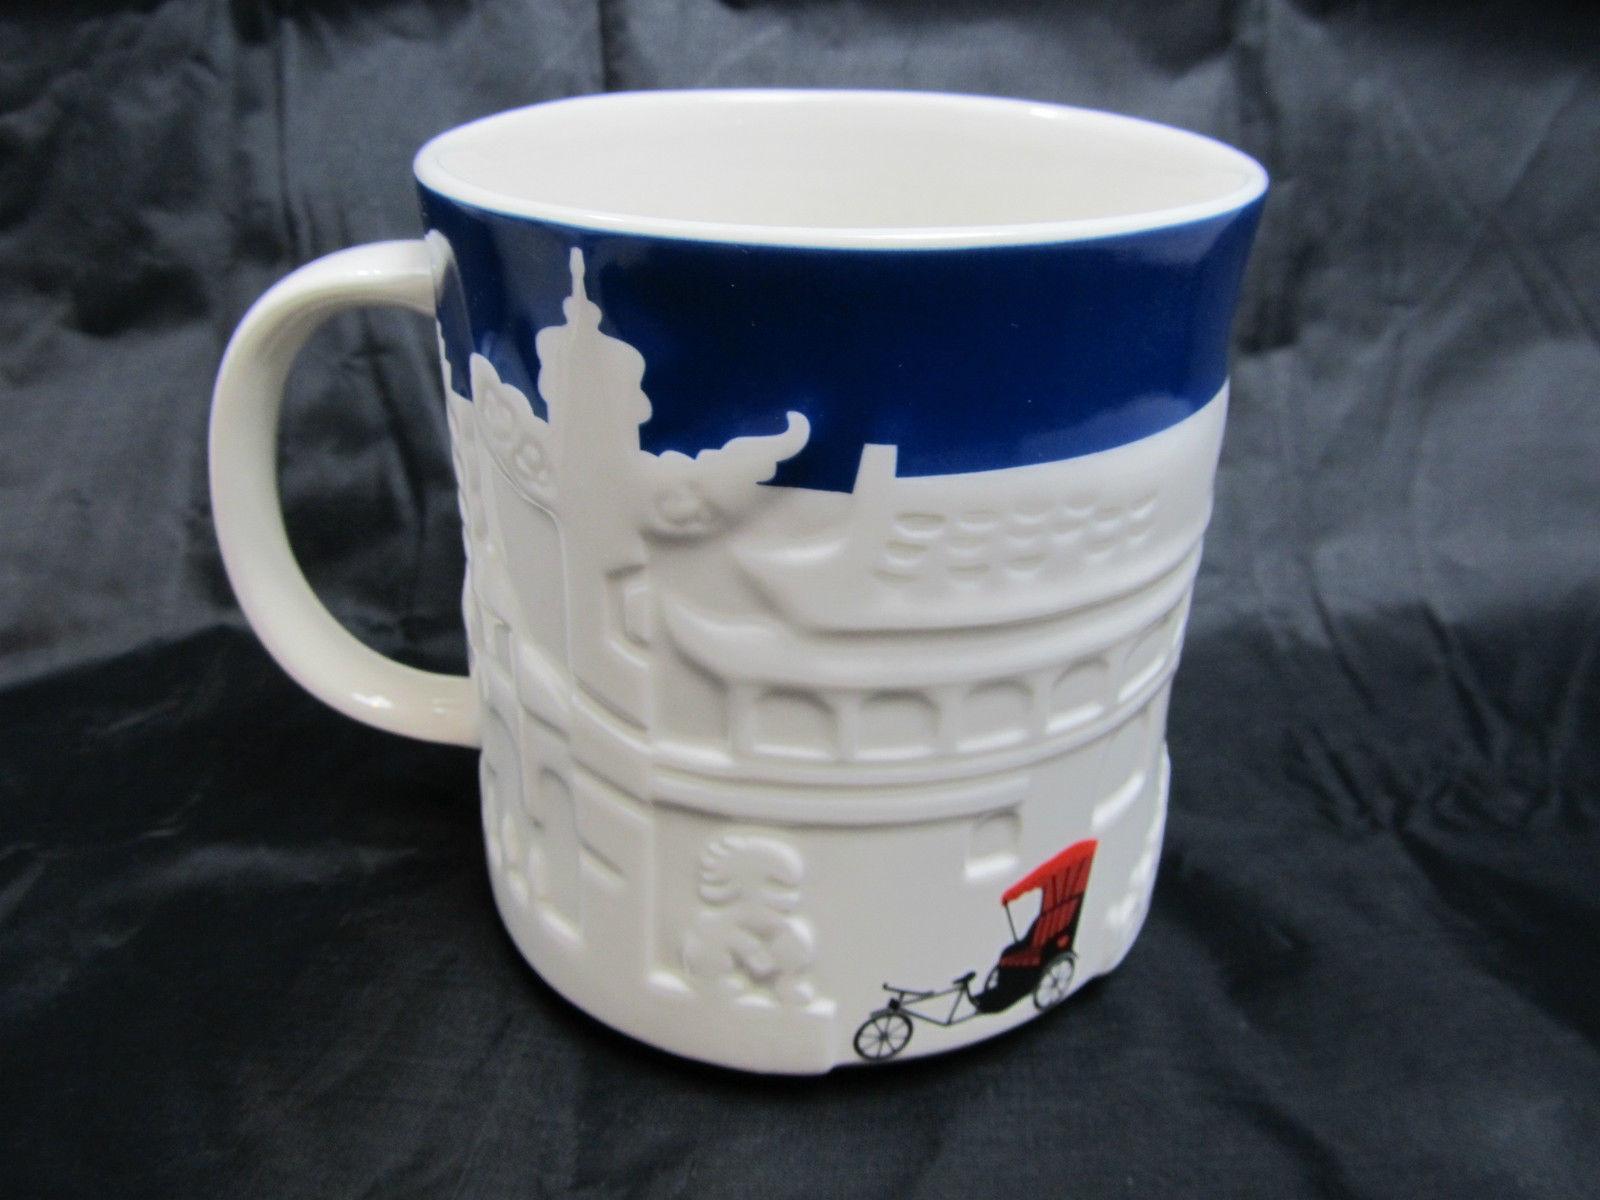 beijing starbucks city mugs